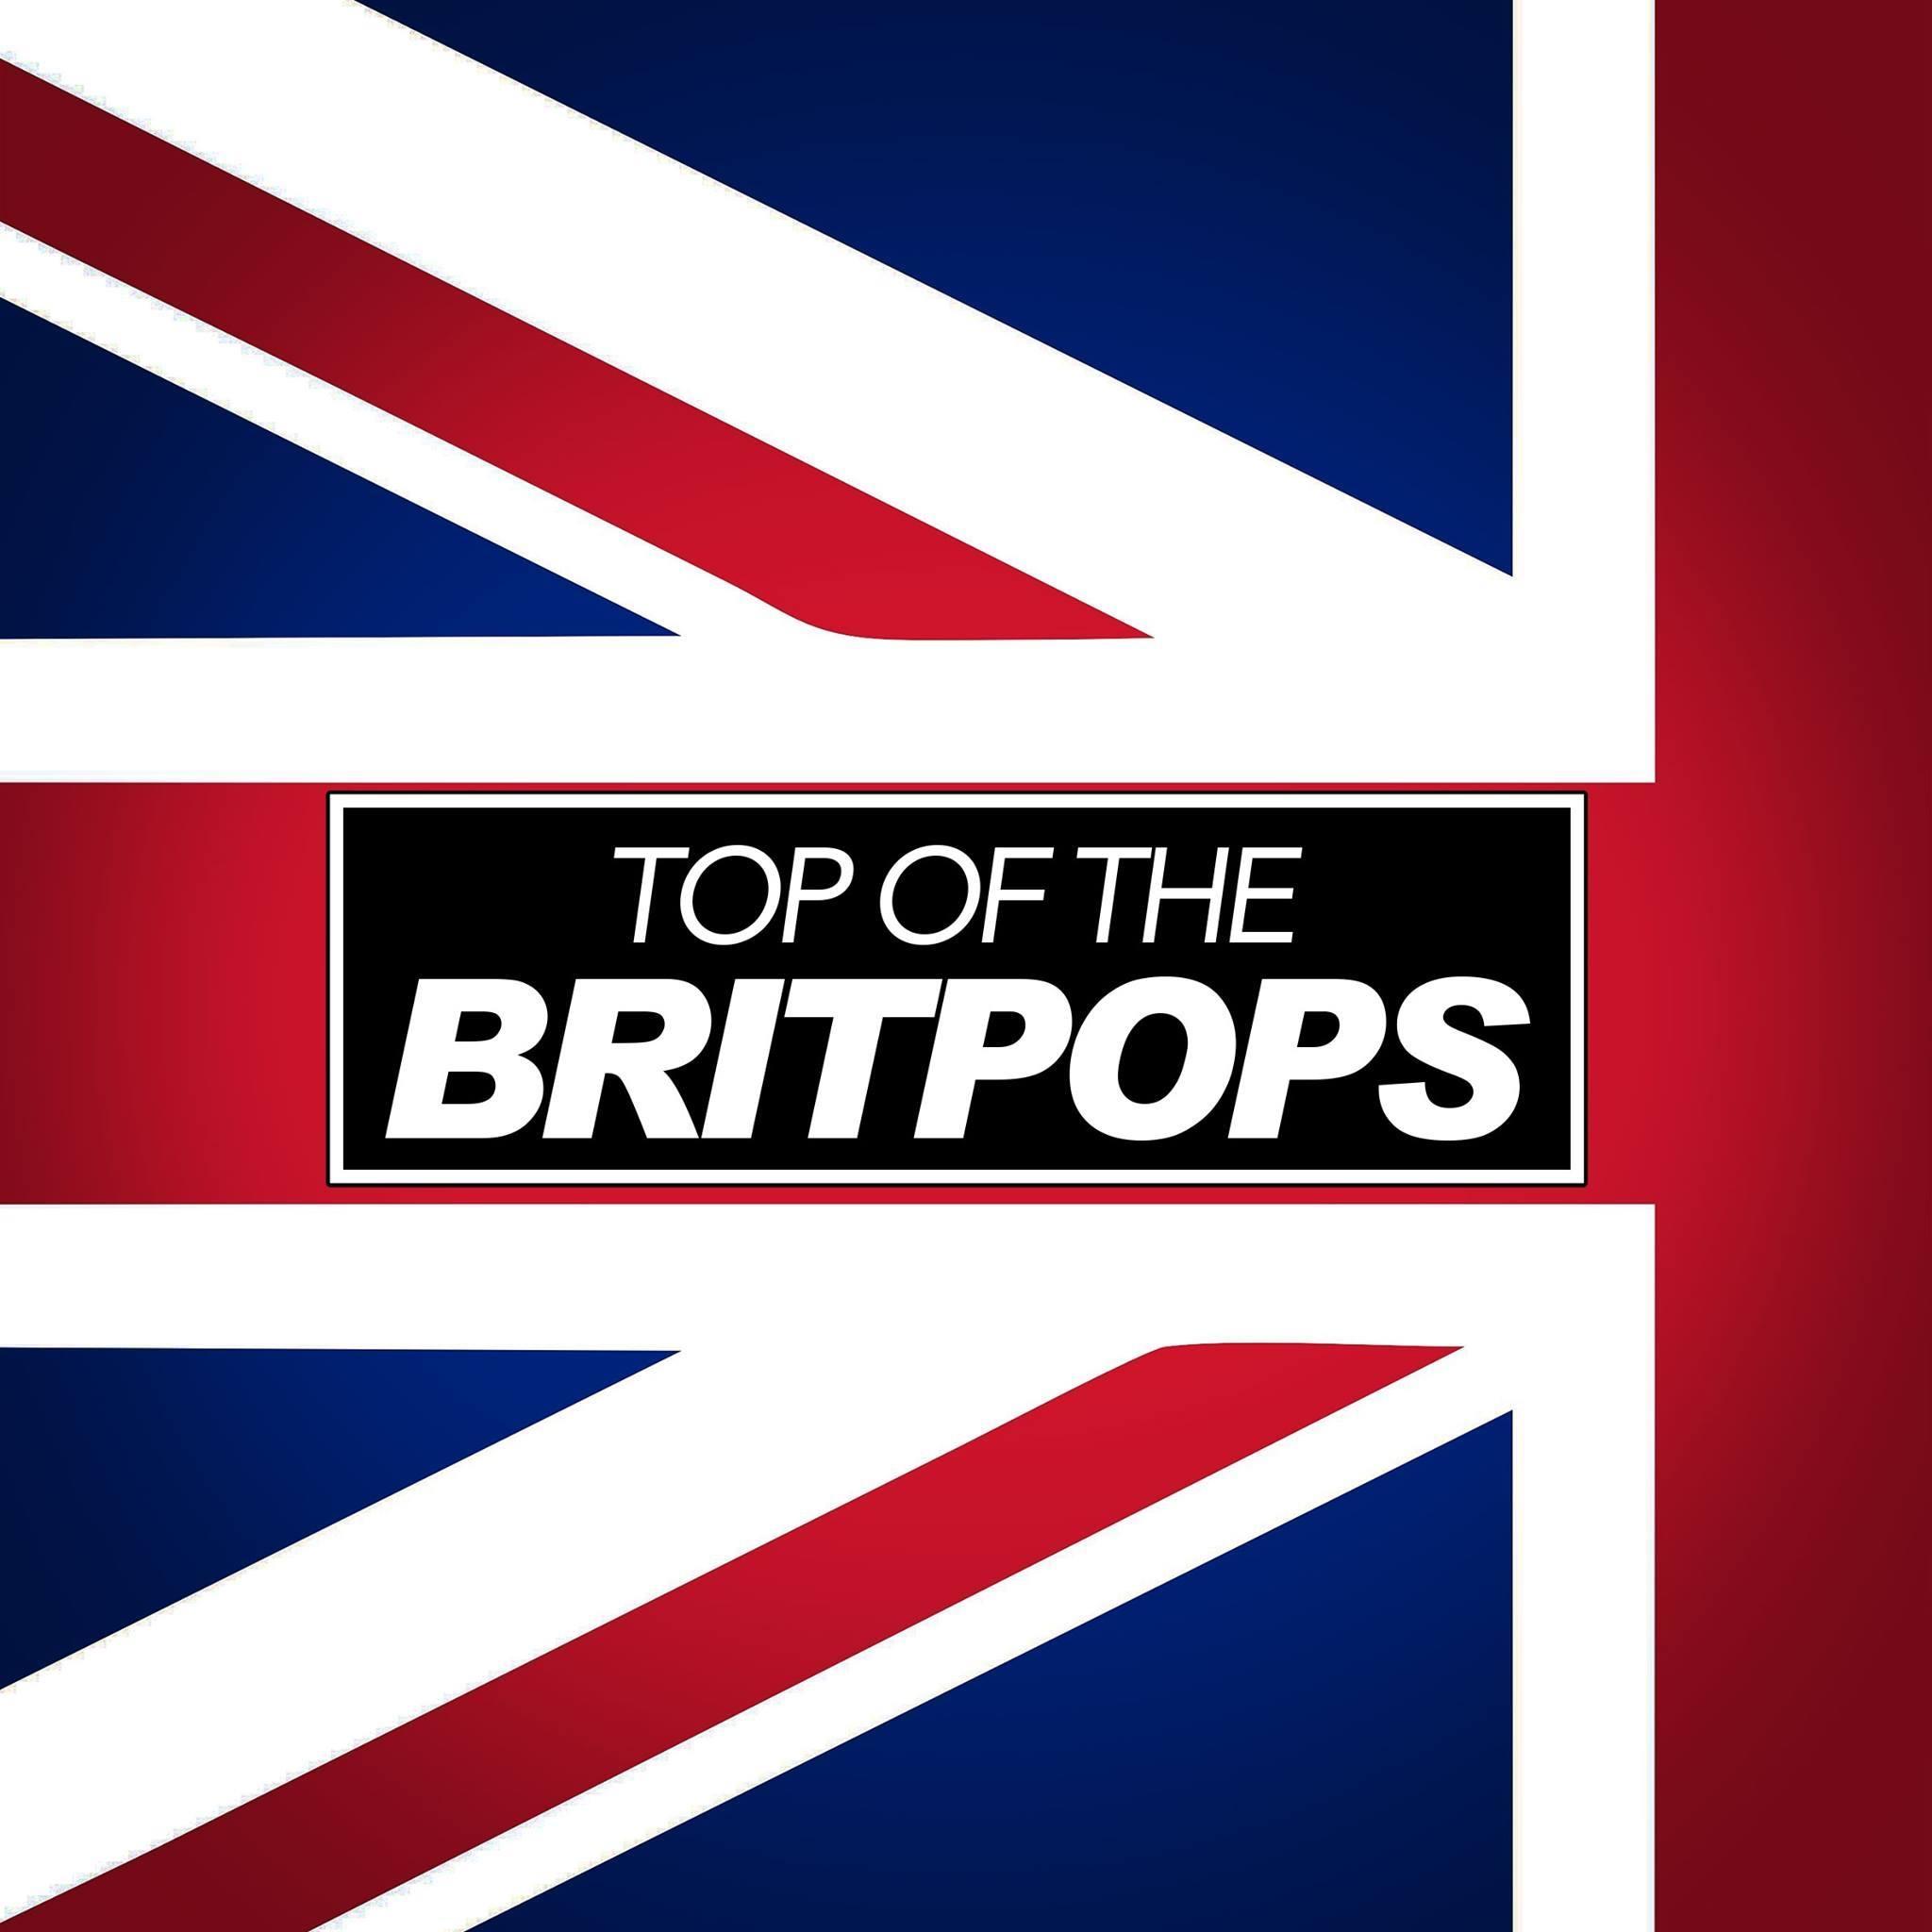 Top of the Britpops